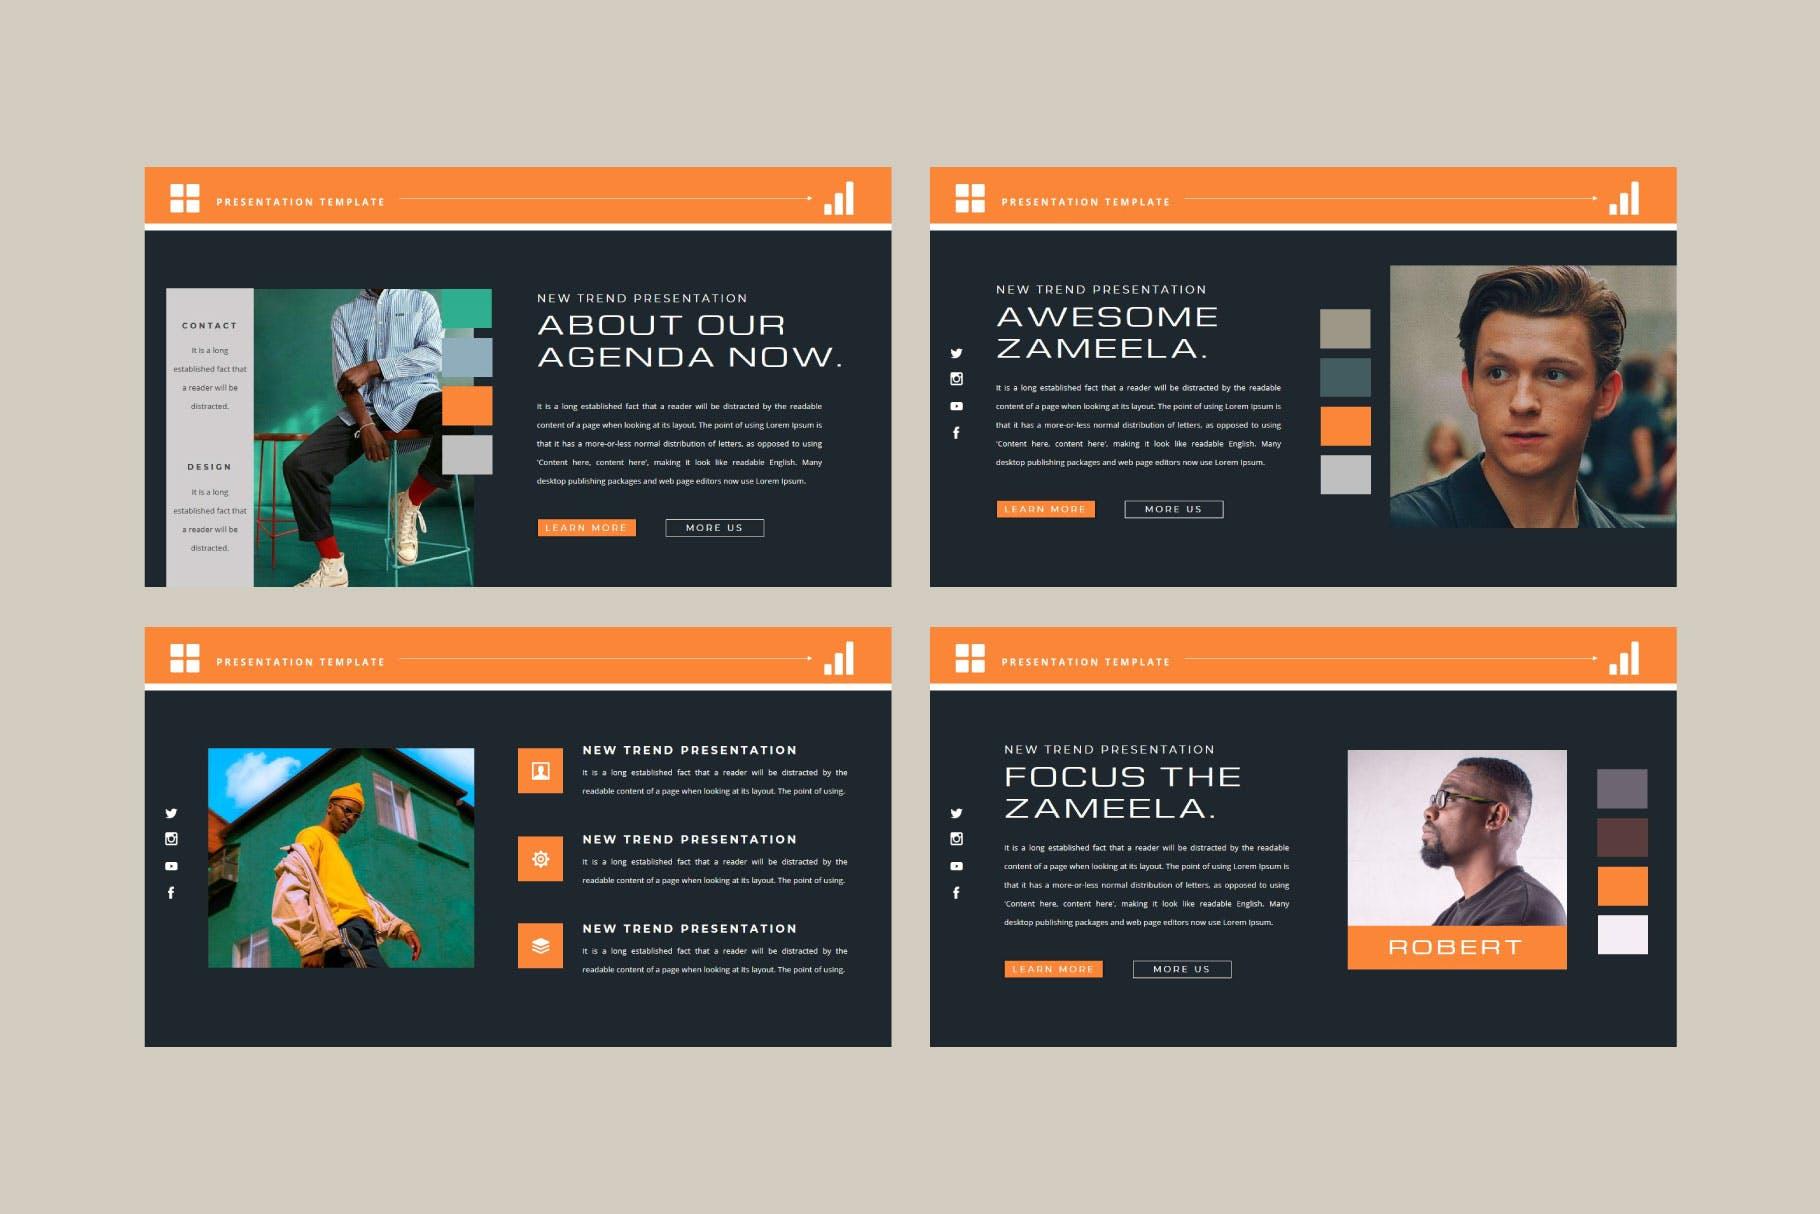 潮流品牌服装摄影作品集演示文稿设计模板 ZAMEELA Powerpoint Template插图2